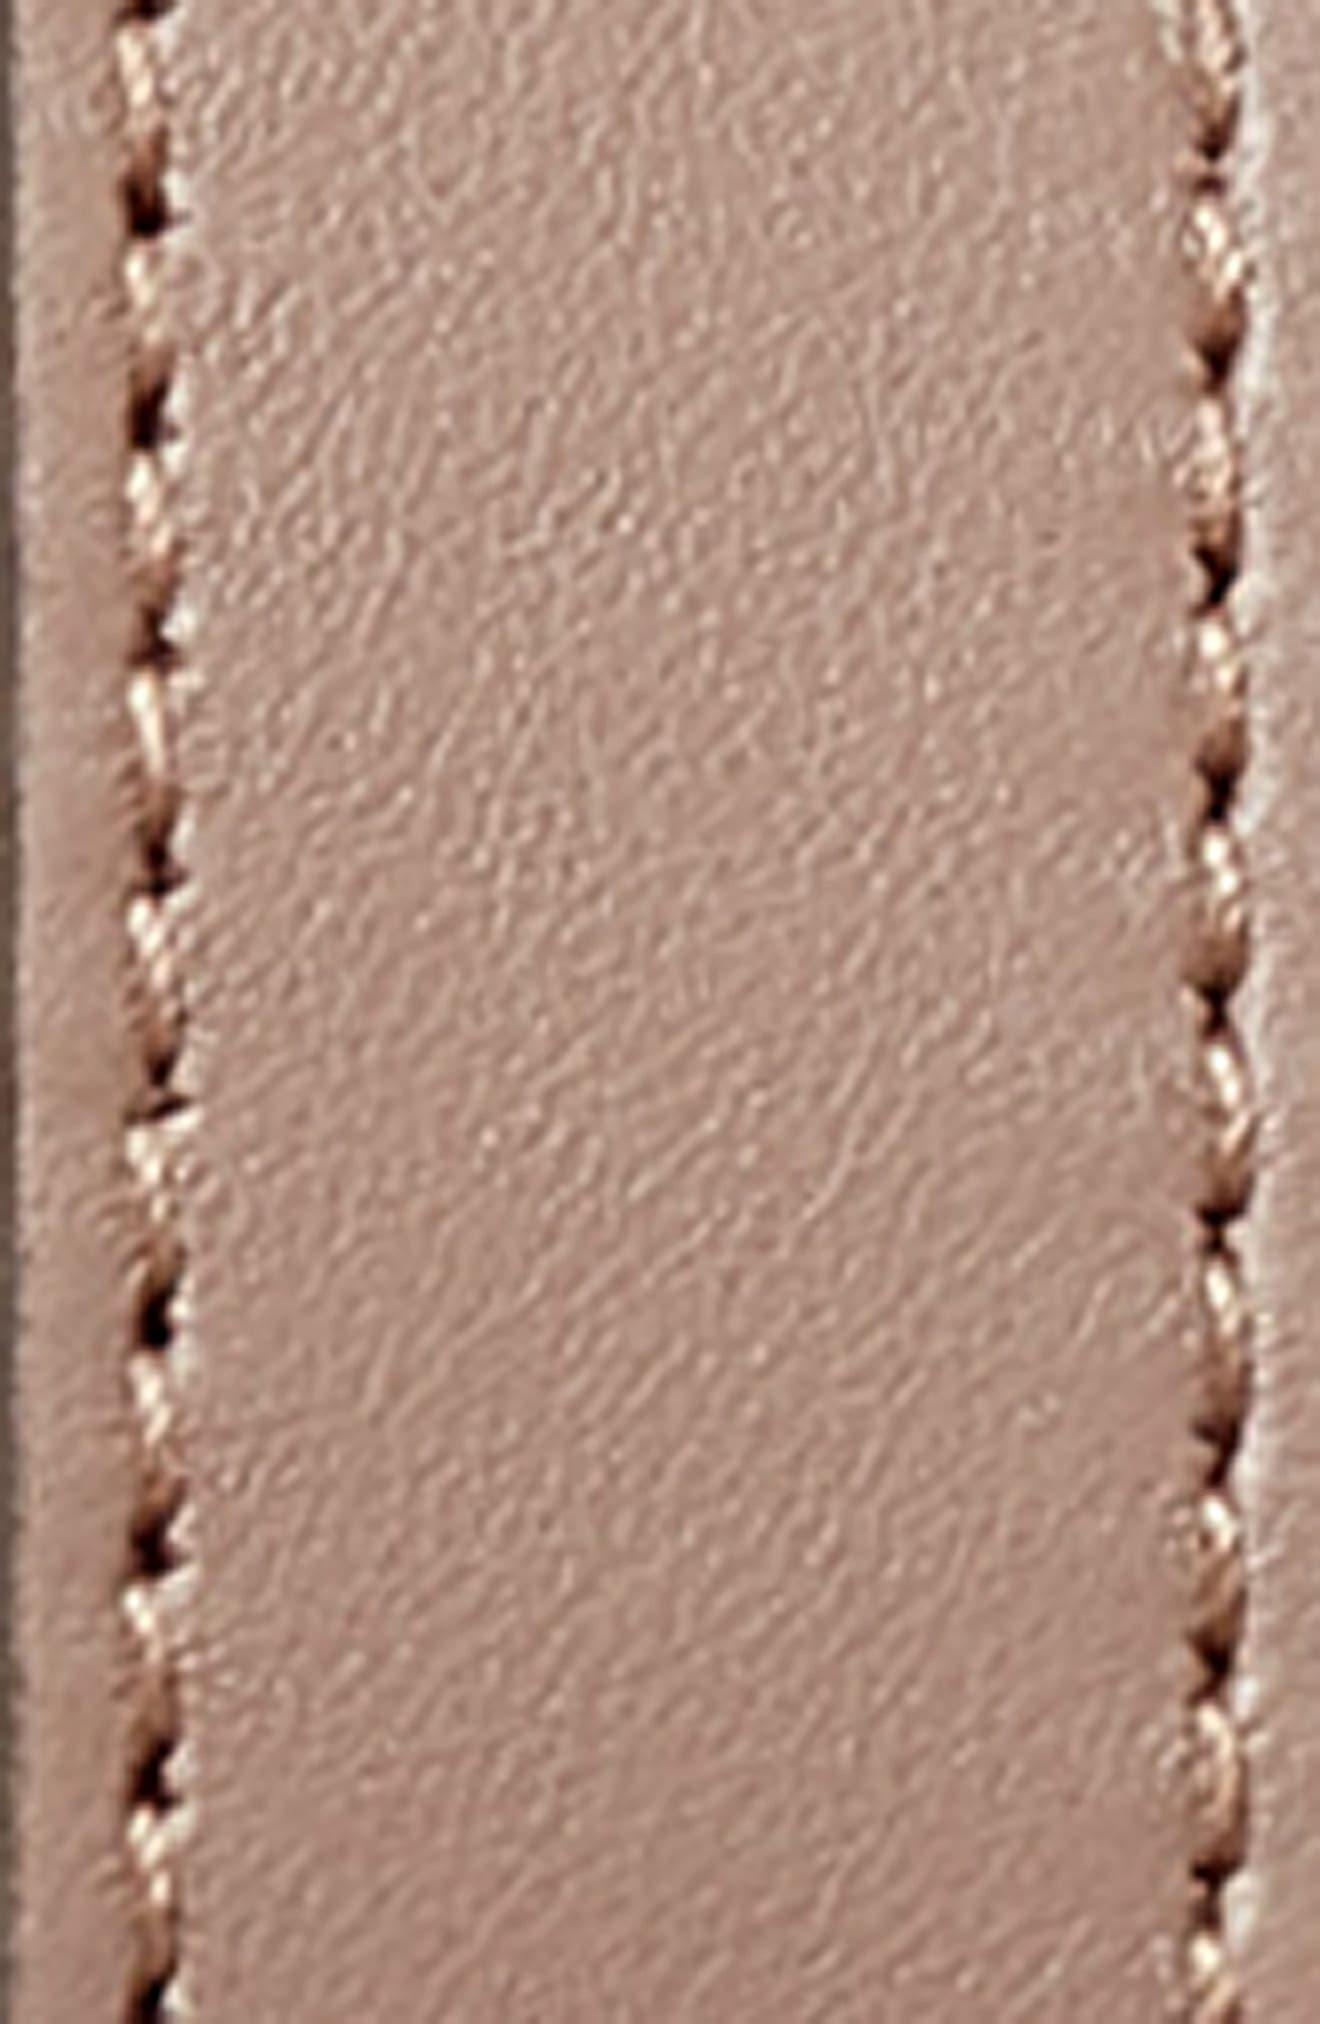 Calfskin Leather Skinny Belt,                             Alternate thumbnail 3, color,                             PORCELAIN ROSE/ CREAM